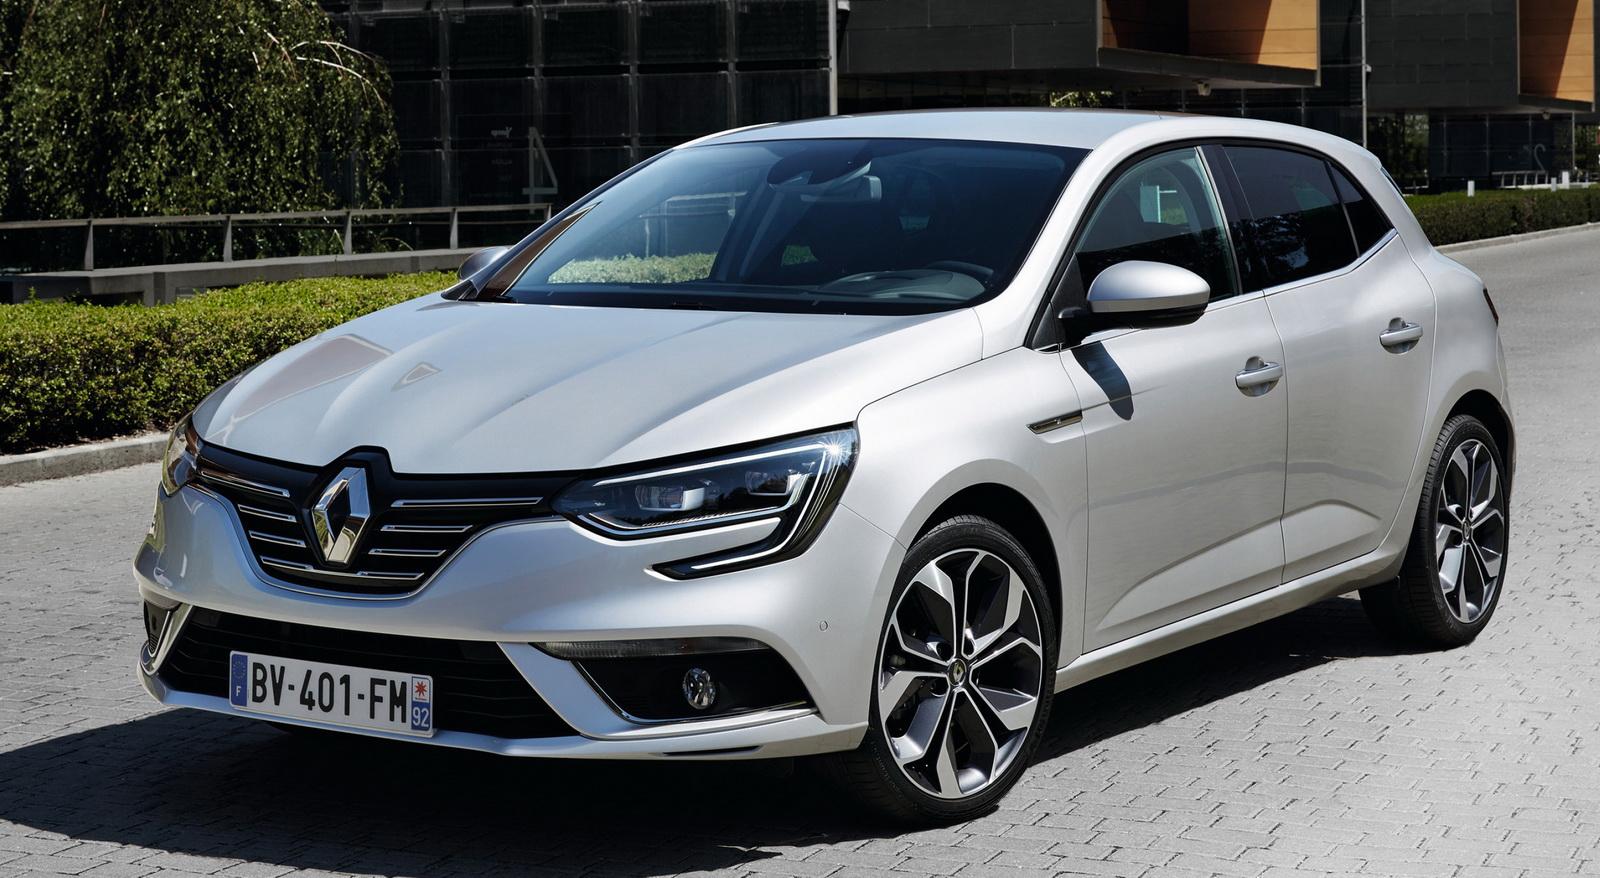 Nuova-Renault-Megane-2016-17